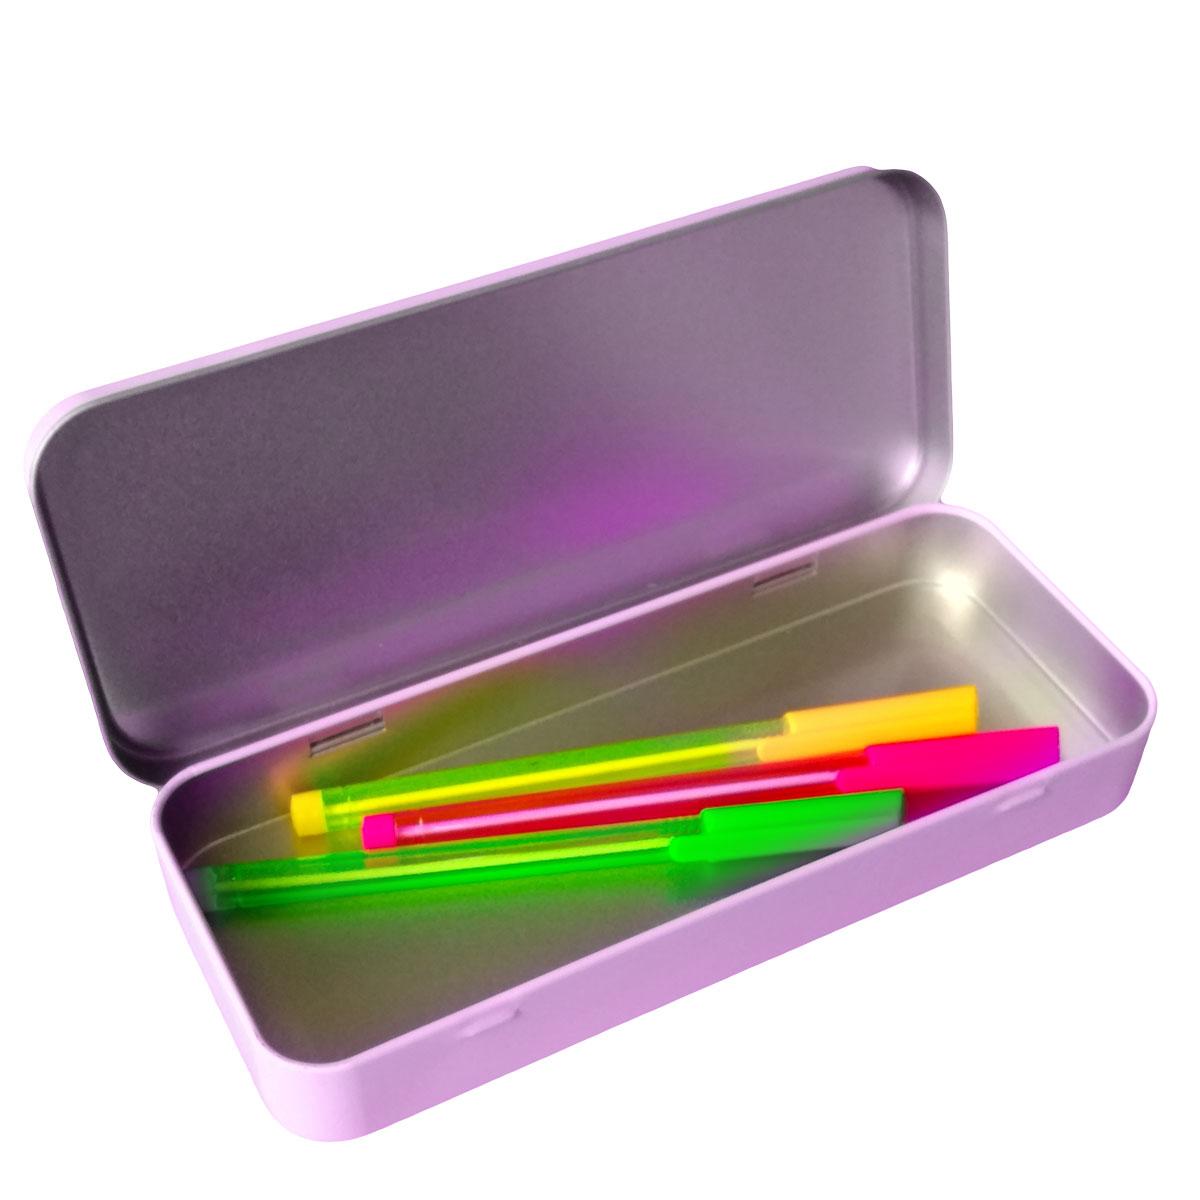 Metal pencil case for sublimation